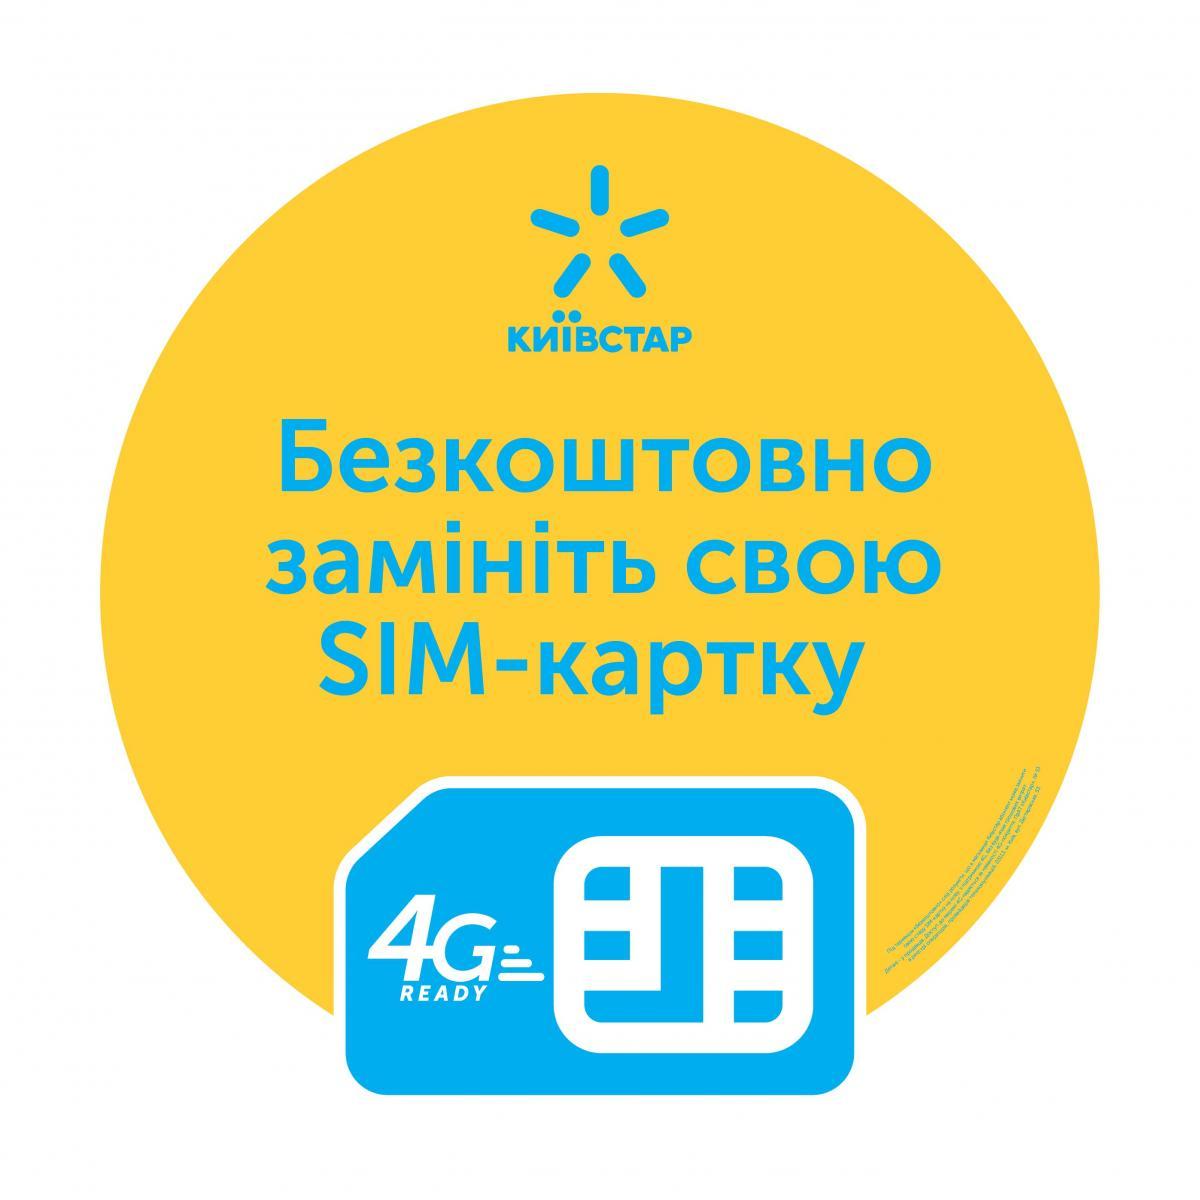 фото Киевстар